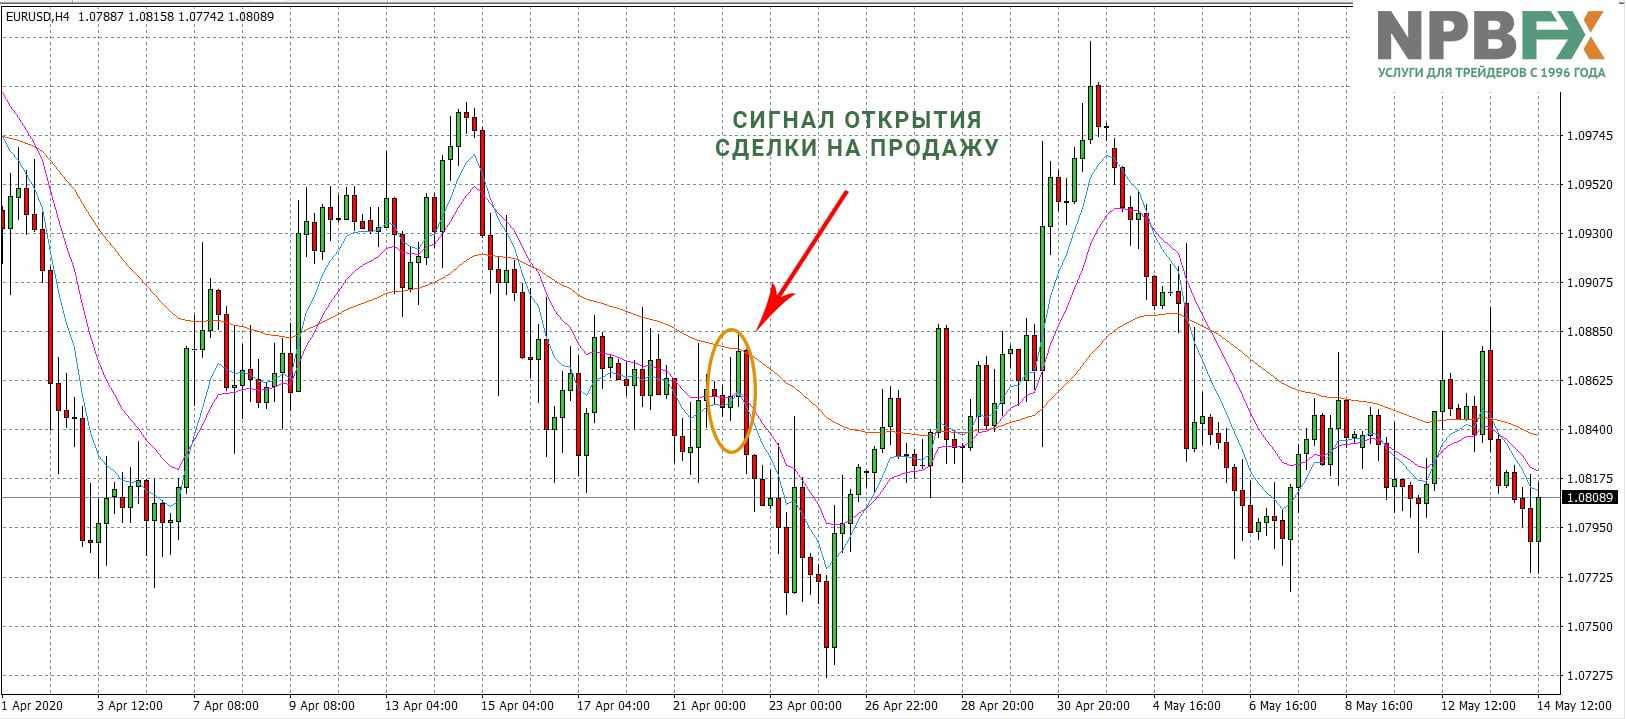 Торговая стратегия с использованием индикатора EMA трех периодов